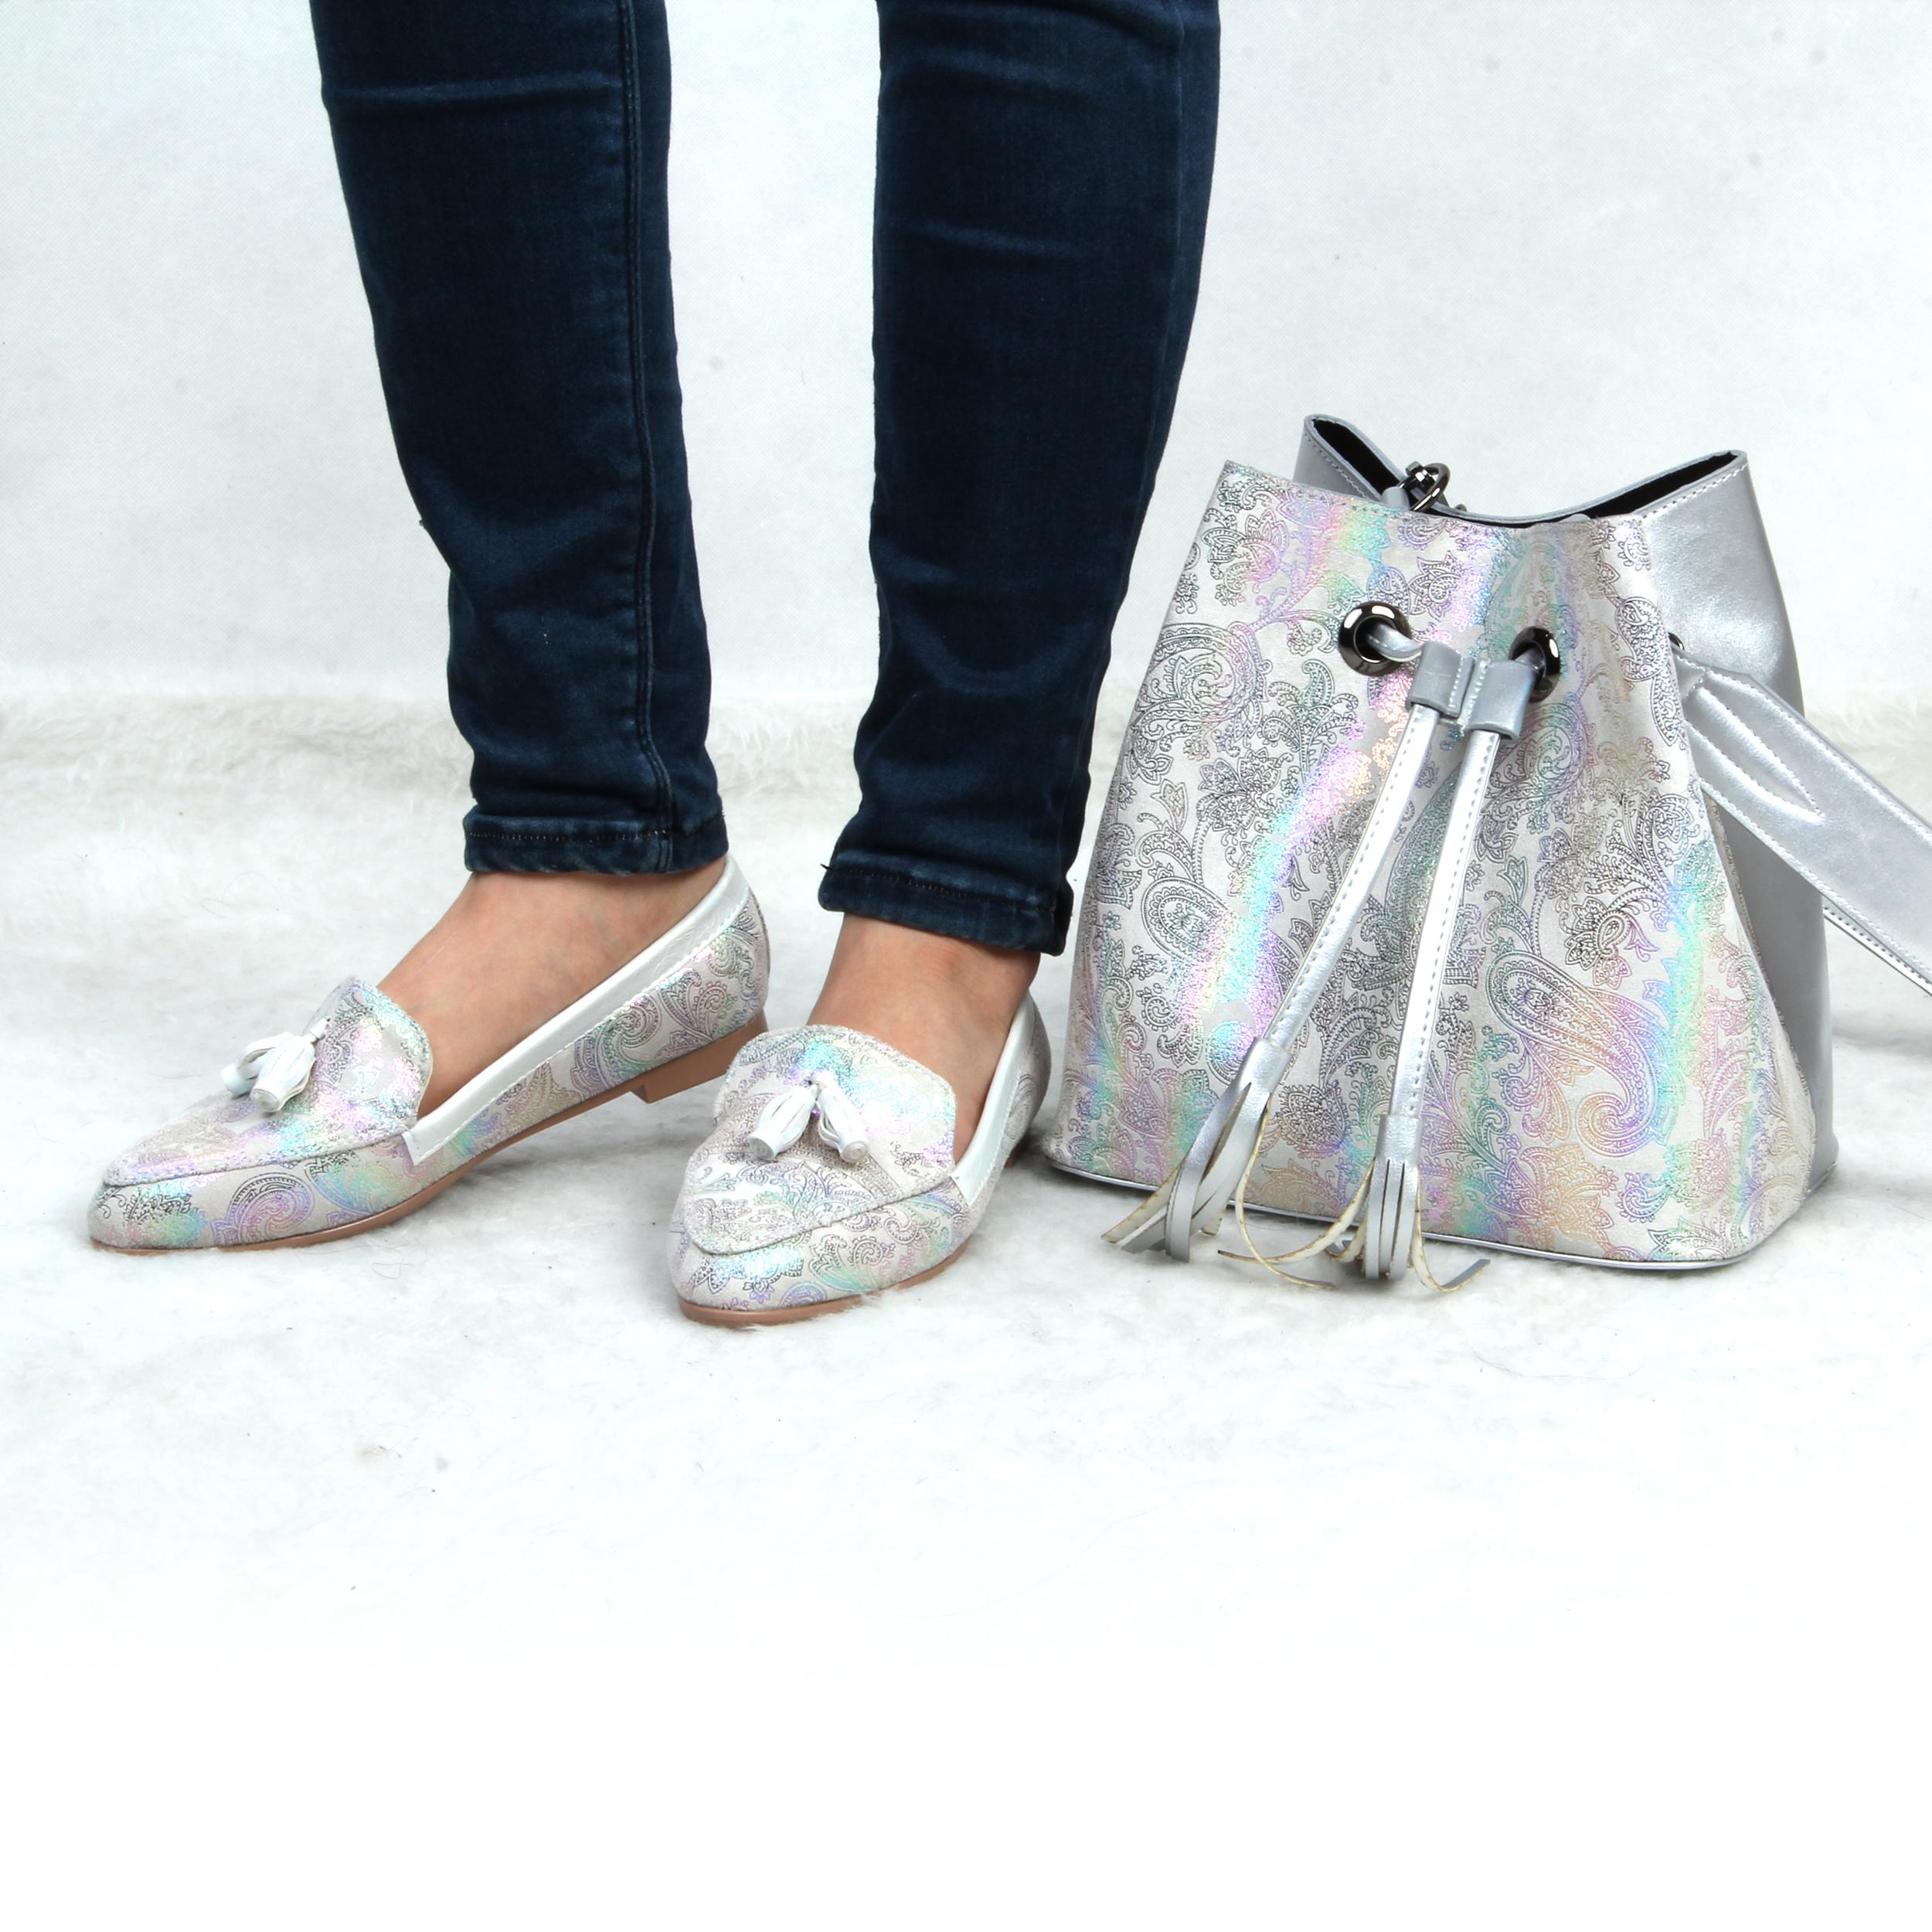 ست کیف و کفش زنانه کد st214 main 1 13